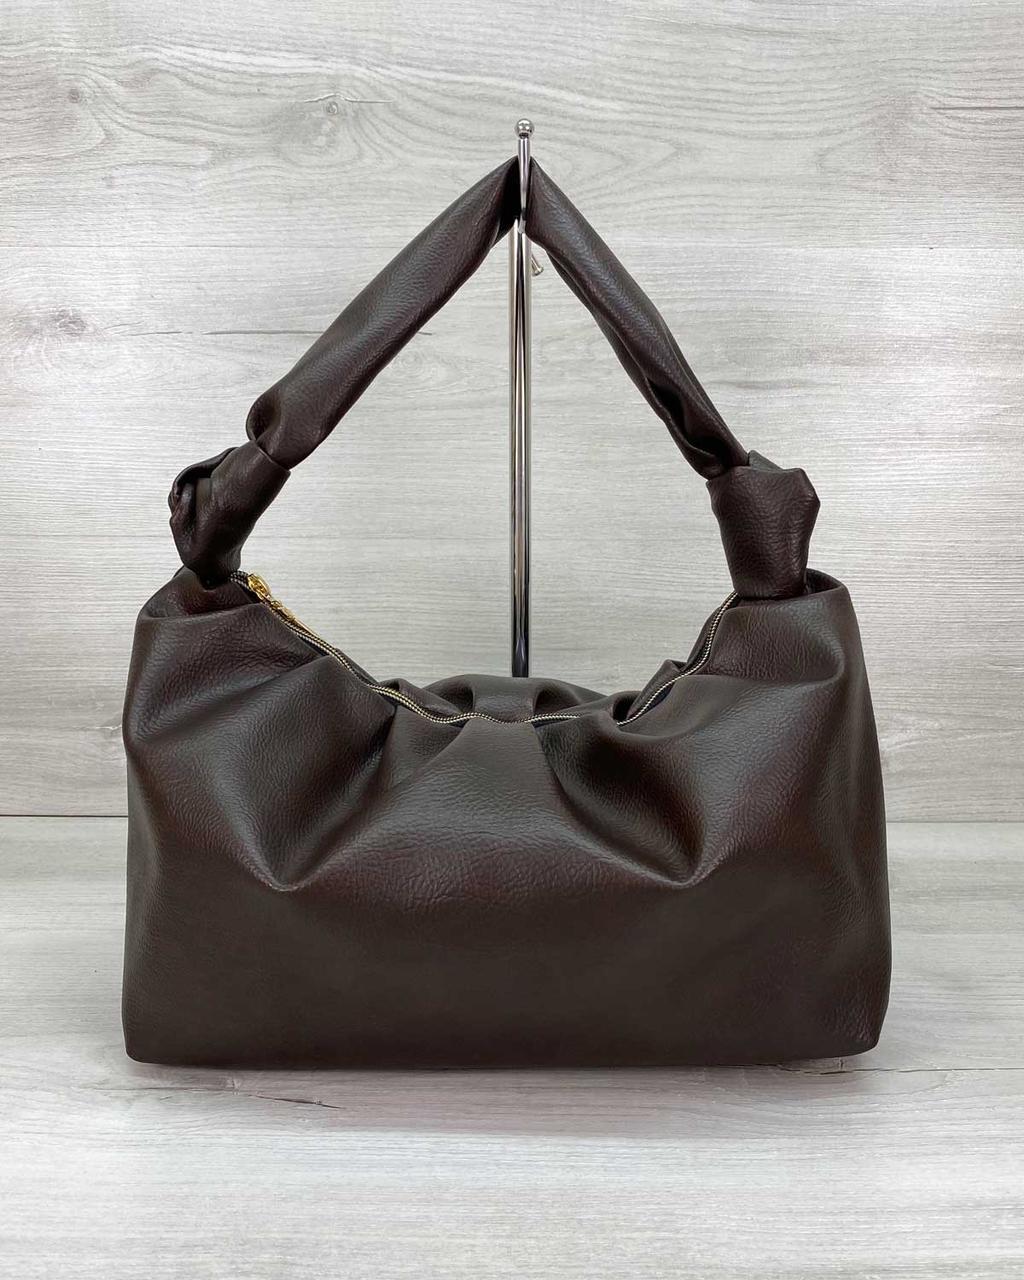 Жіноча сумка темно-коричнева повсякденна містка шоколадного кольору